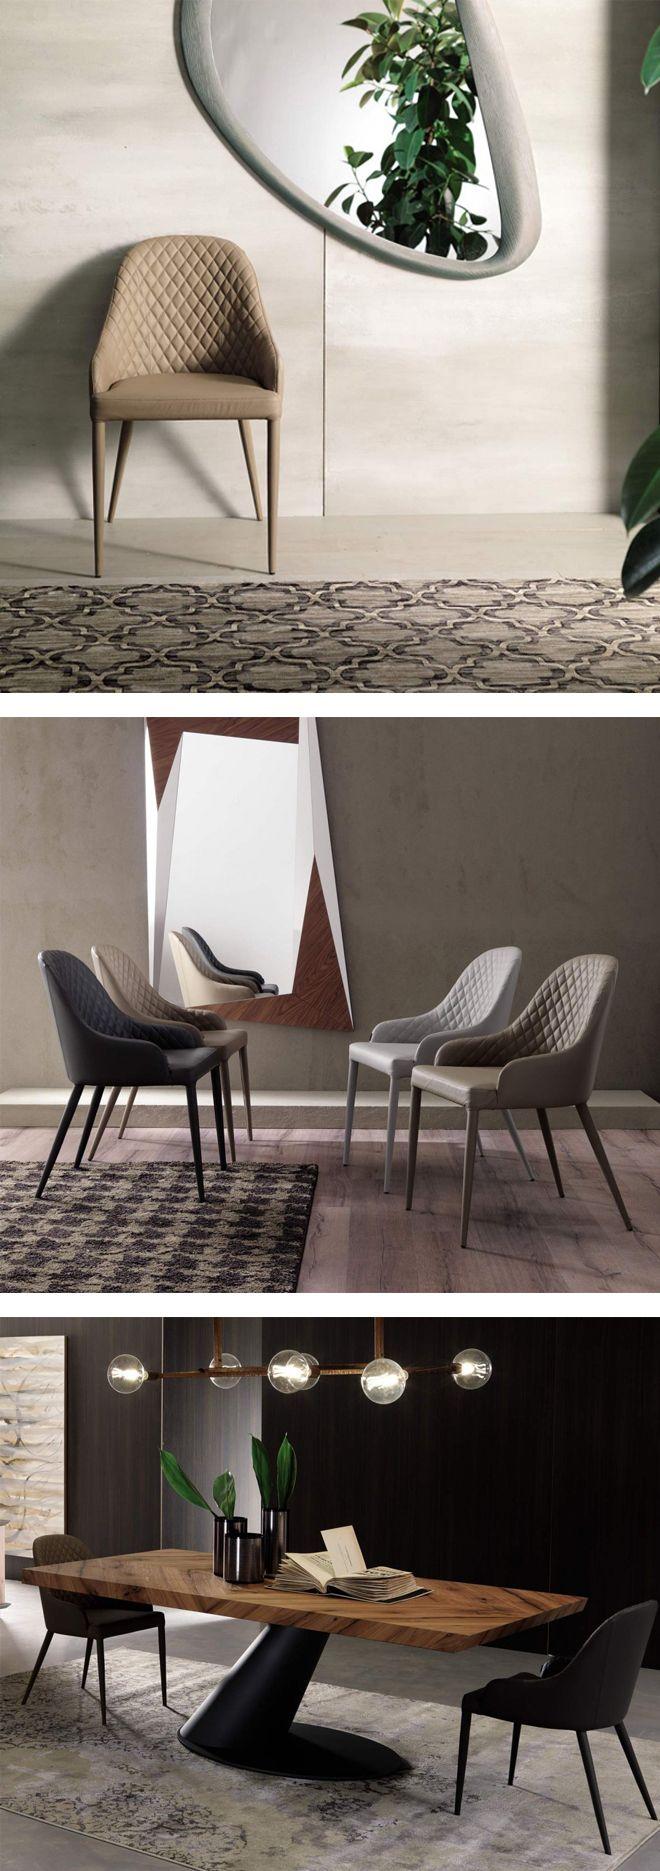 Ozzio Stuhl Betta | Lederstühle, Einrichtungsstile und Wohntrends